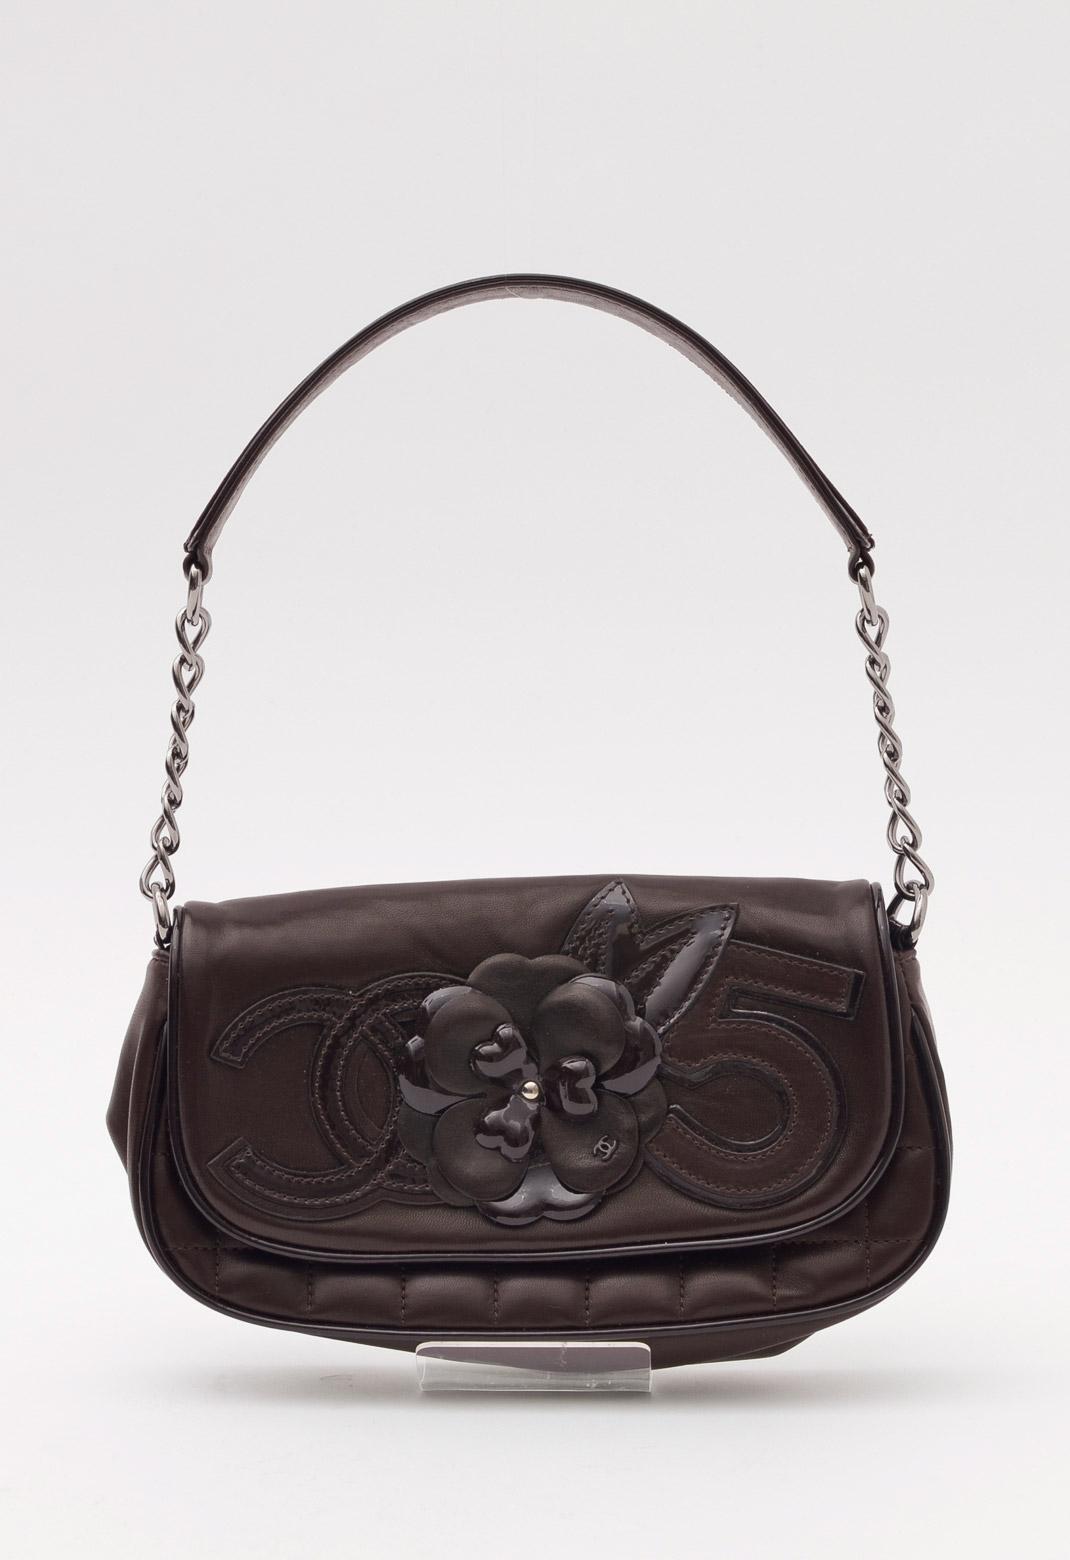 シャネル エナメルレザーパイピング × カメリアモチーフ飾り シルバーチェーン バッグ